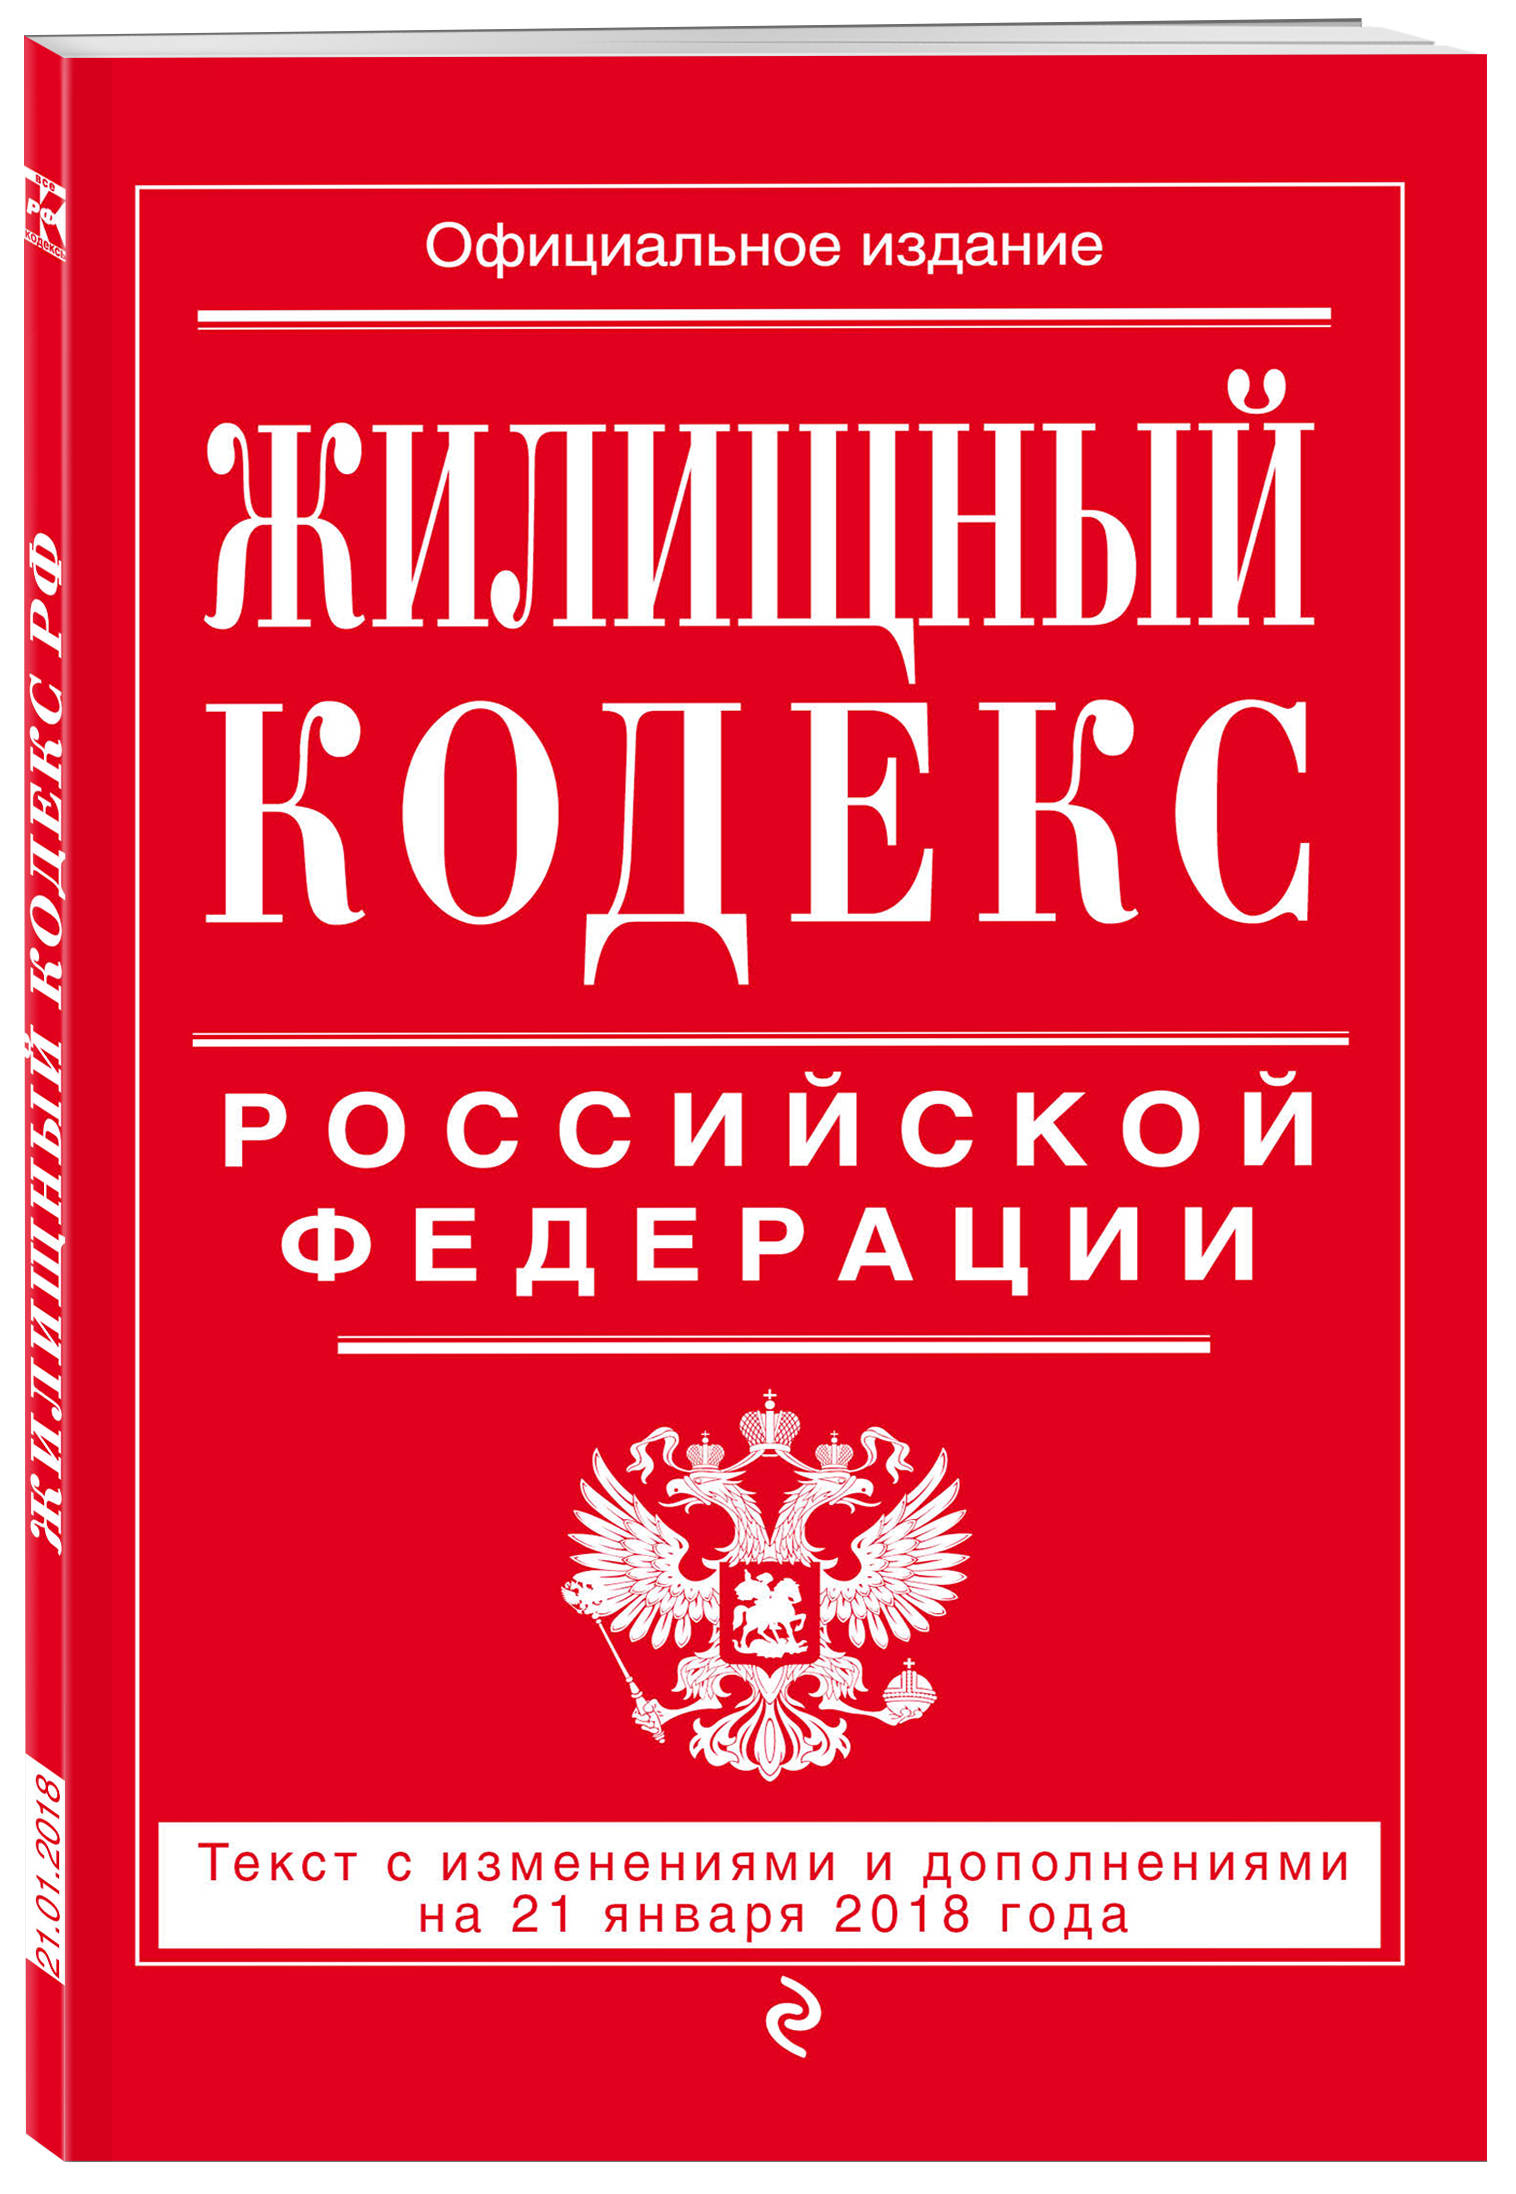 9785040921935 - Жилищный кодекс Российской Федерации: текст с изменениями и дополнениями на 21 января 2018 г. - Книга